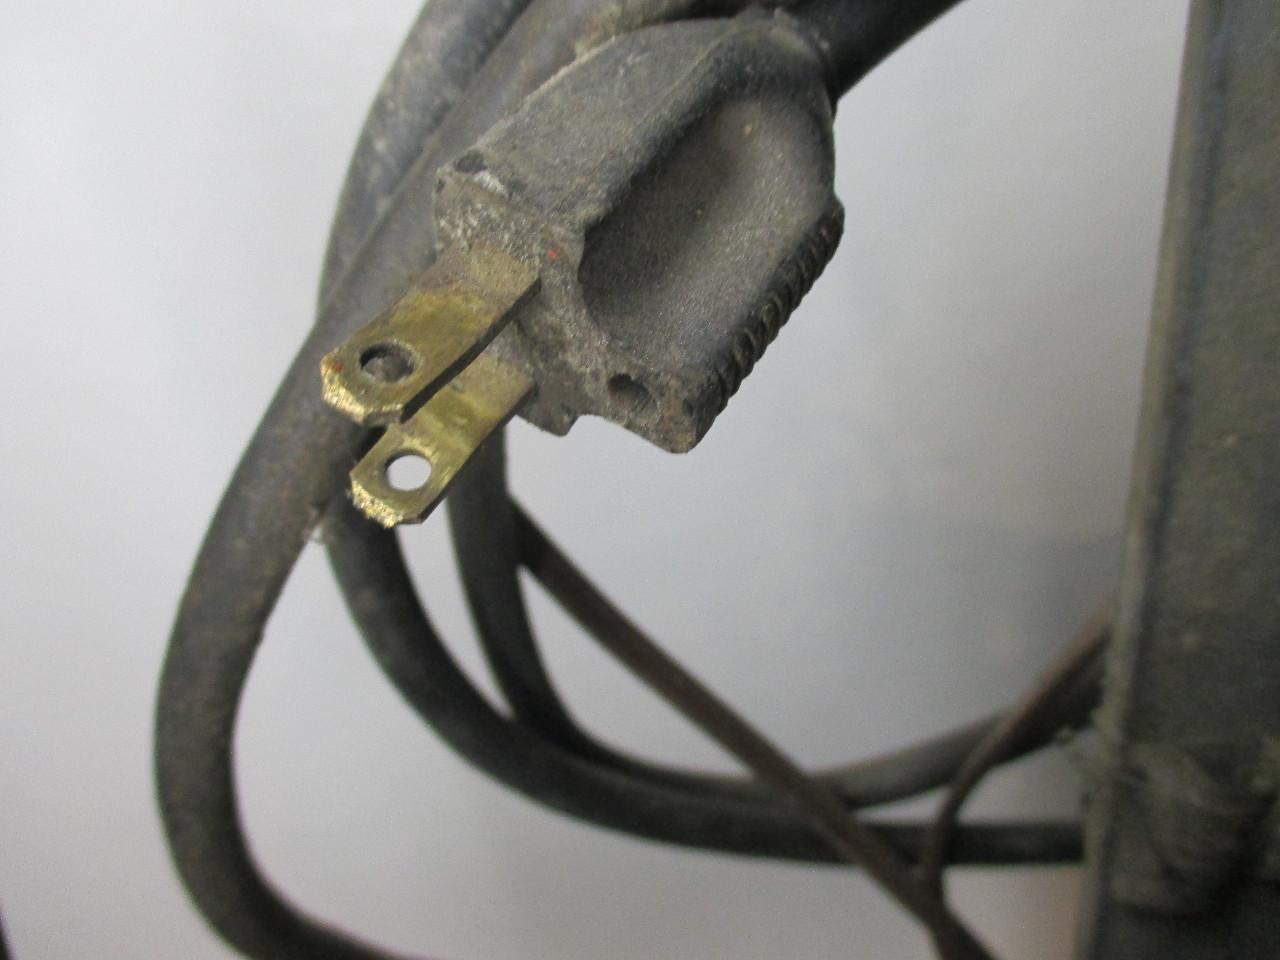 Stupendous Dayton Bench Grinder Wiring Wiring Diagram Schema Machost Co Dining Chair Design Ideas Machostcouk